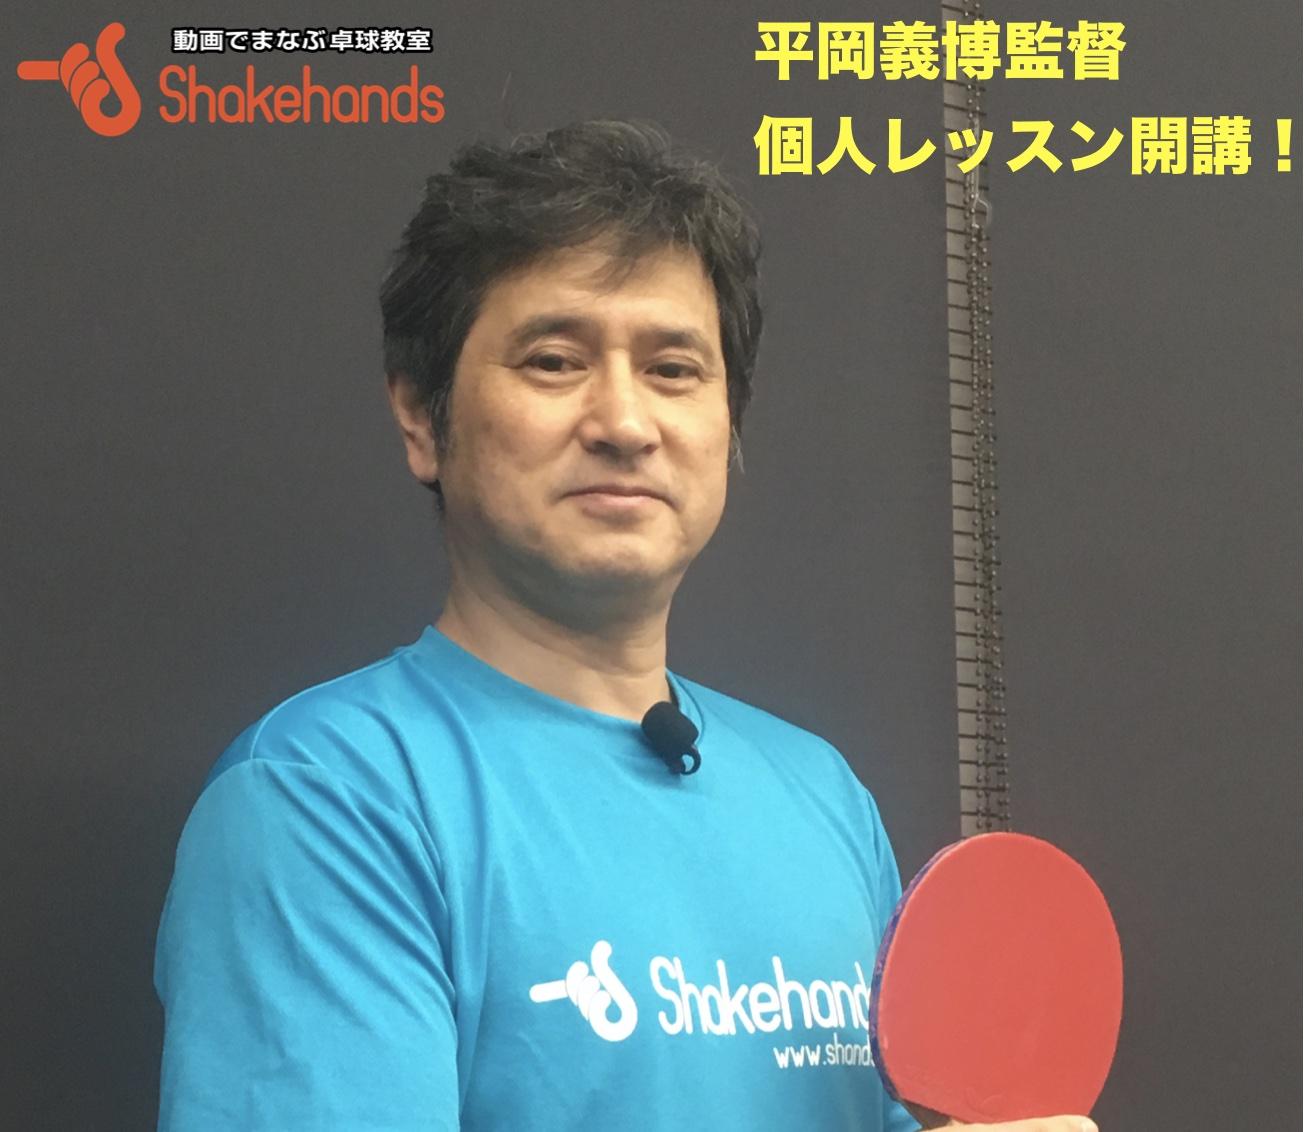 【短時間であなたを変えます!】平岡義博監督によるマンツーマンレッスン開講!